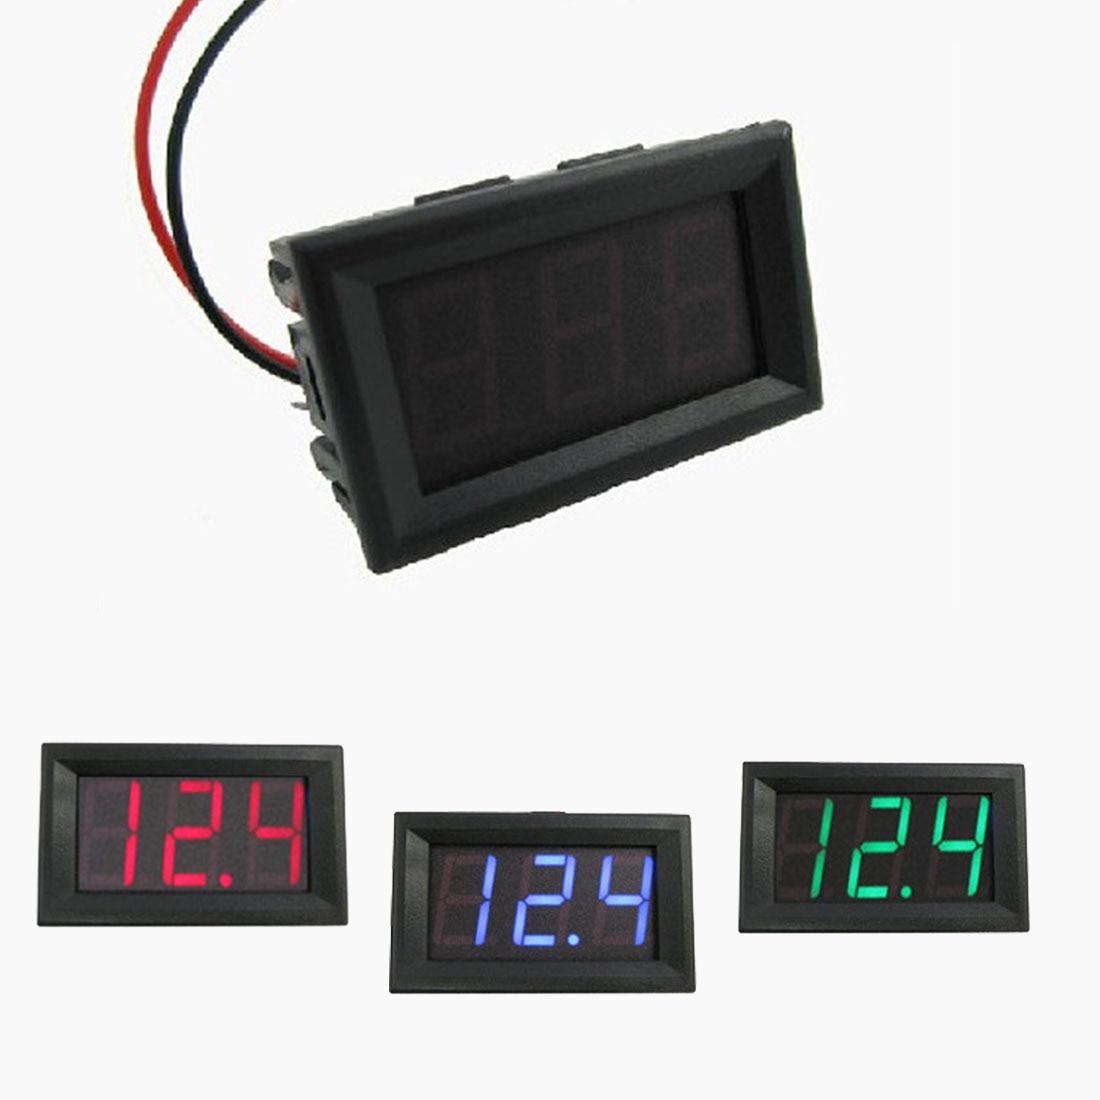 0.56 inch LED DC 4.50V-30.0V Digital Voltmeter Home Use Voltage Display 2 Wires Red And Black yb27a led ac 60 300v digital voltmeter home use voltage display w 2 wires